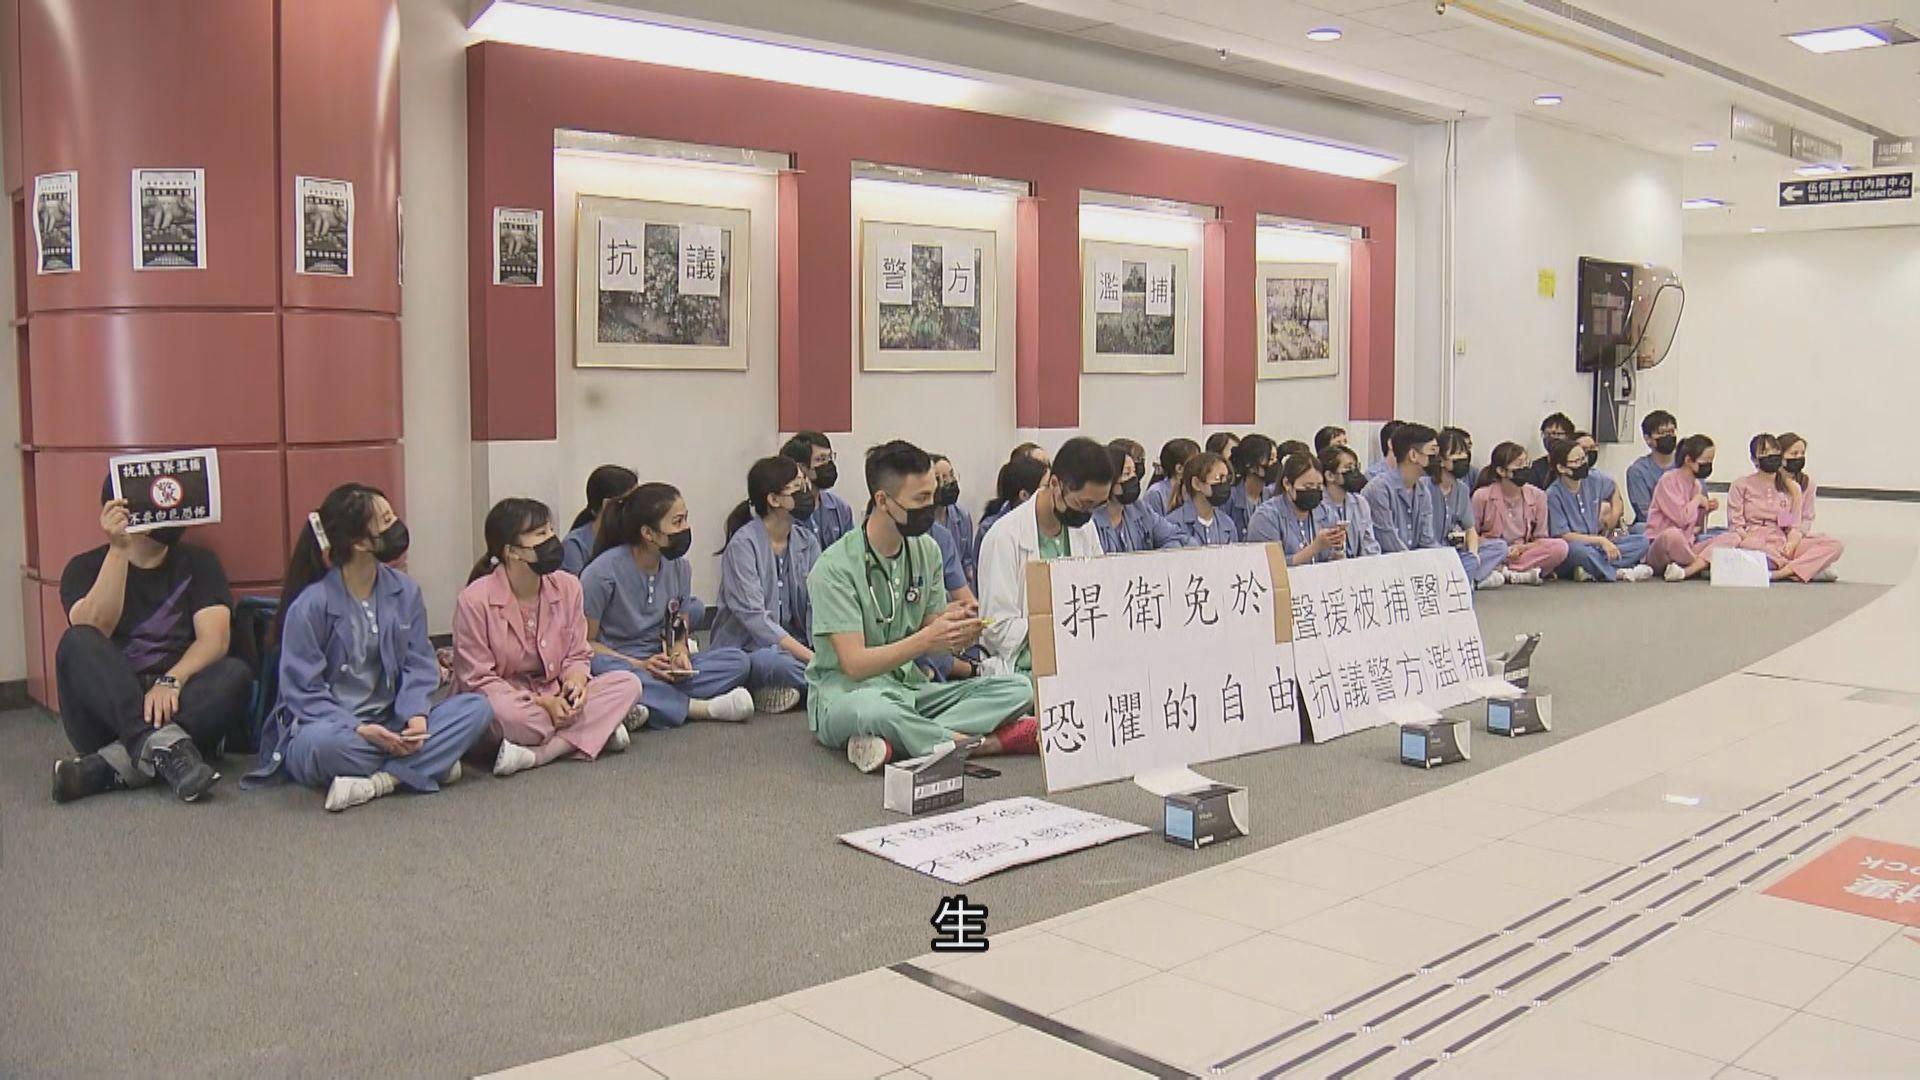 將軍澳醫院醫護人員靜坐聲援周日被捕醫生